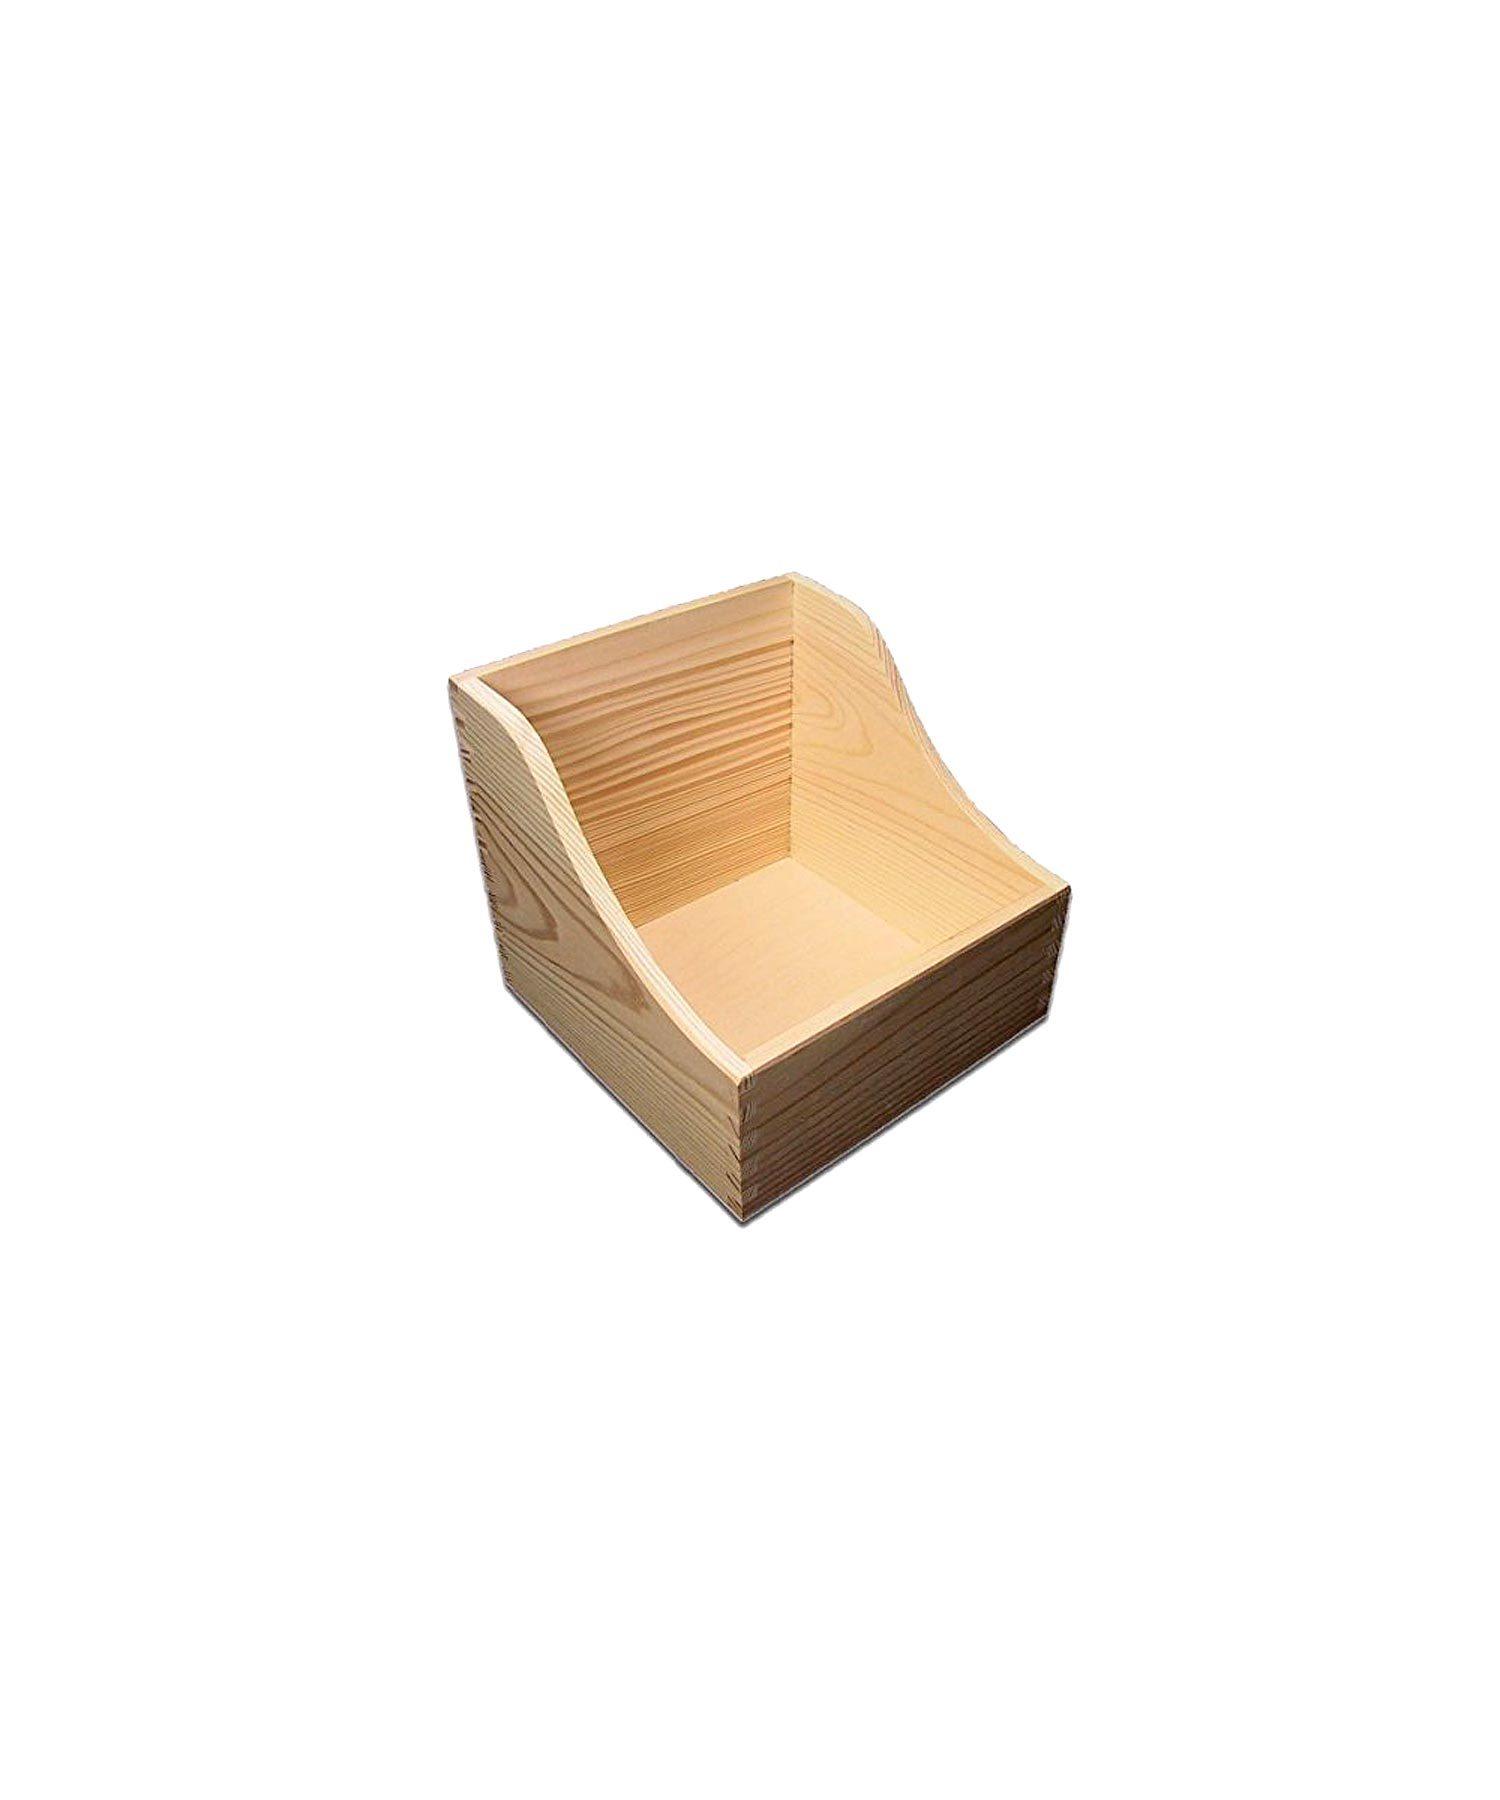 Holzbox, Thekendisplay aus Kiefernholz